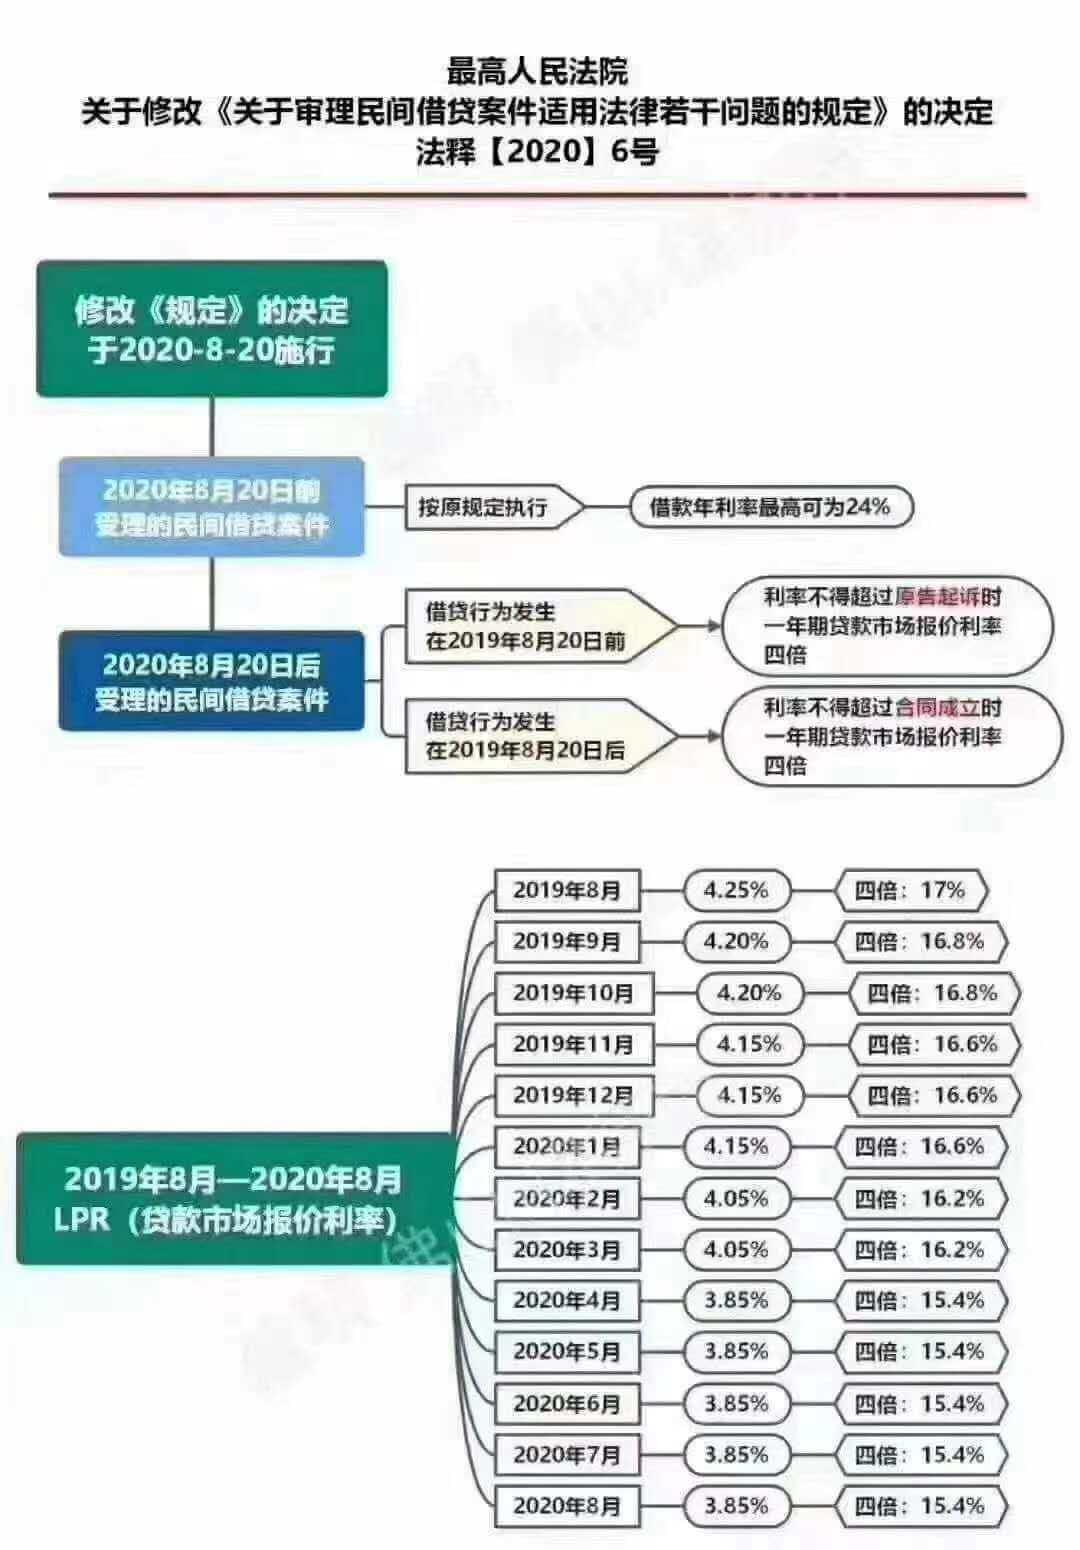 LPR是什么?民间借贷和其他案件的利息该如何计算?